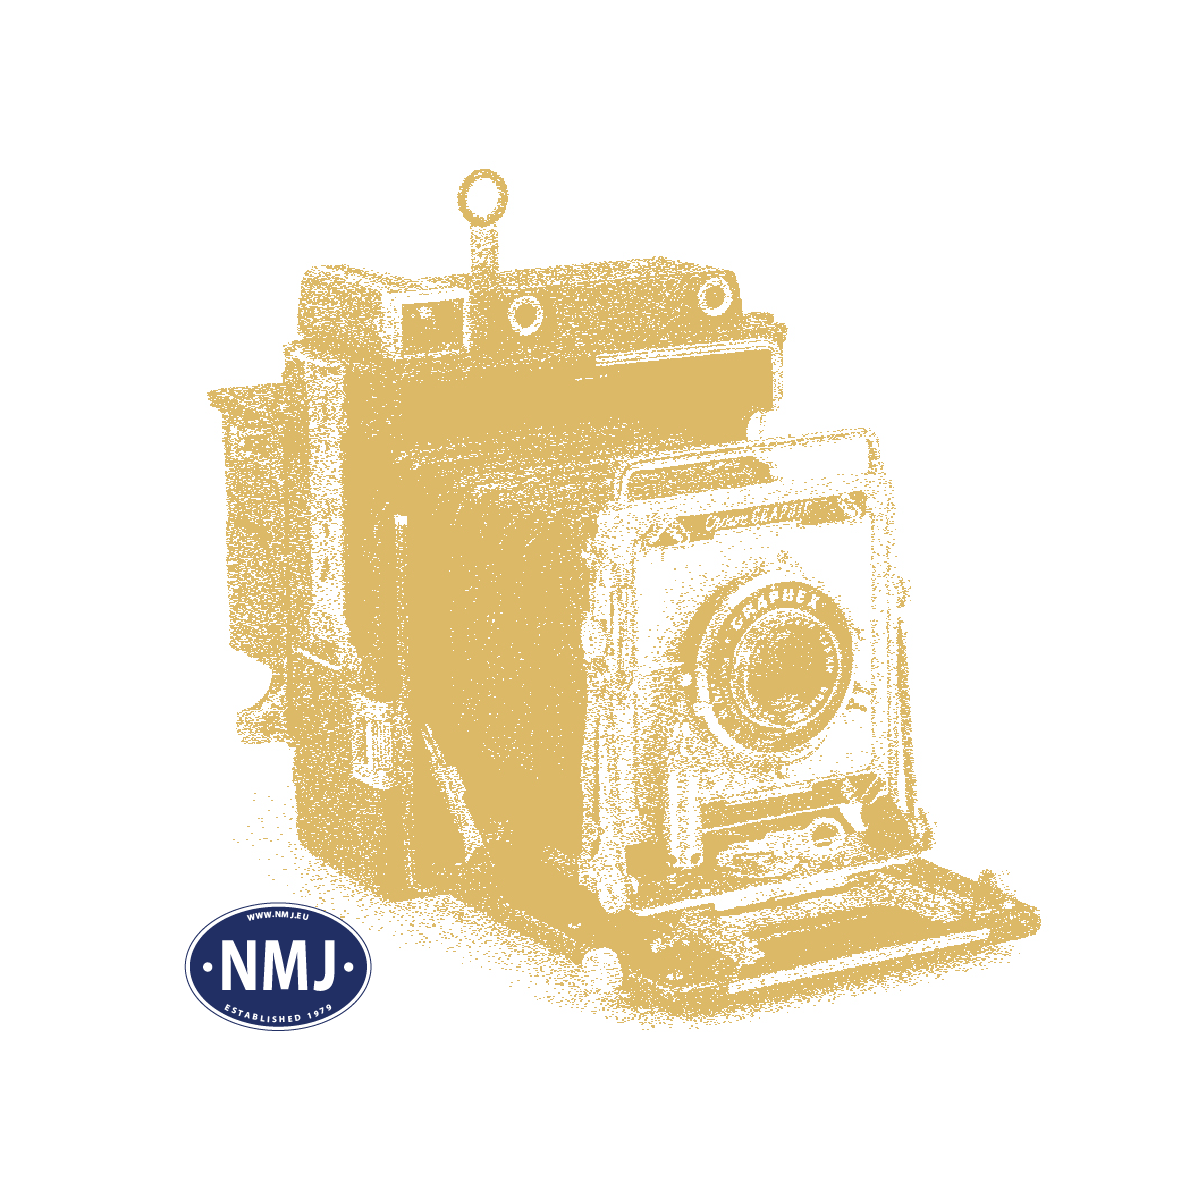 NMJT90012 - NMJ Topline NSB Di3a 619, Redbrown Livery, DCC w/ Sound